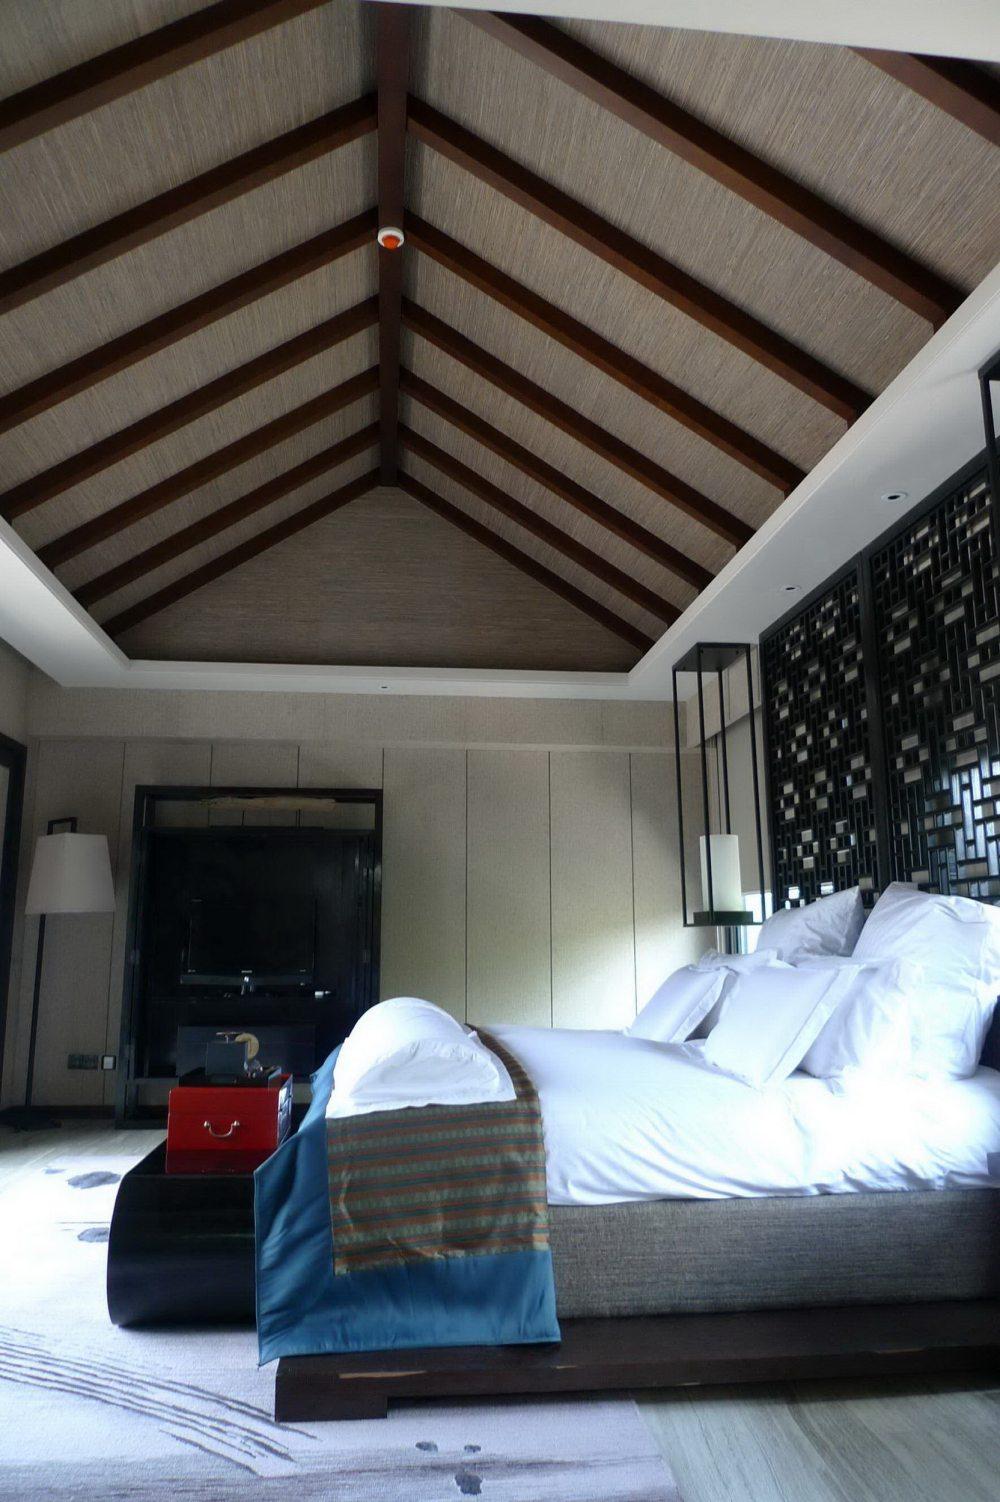 云南丽江铂尔曼渡假酒店(Lijiang Pullman Hotel)(CCD)(第8页更新)_P1010551.jpg